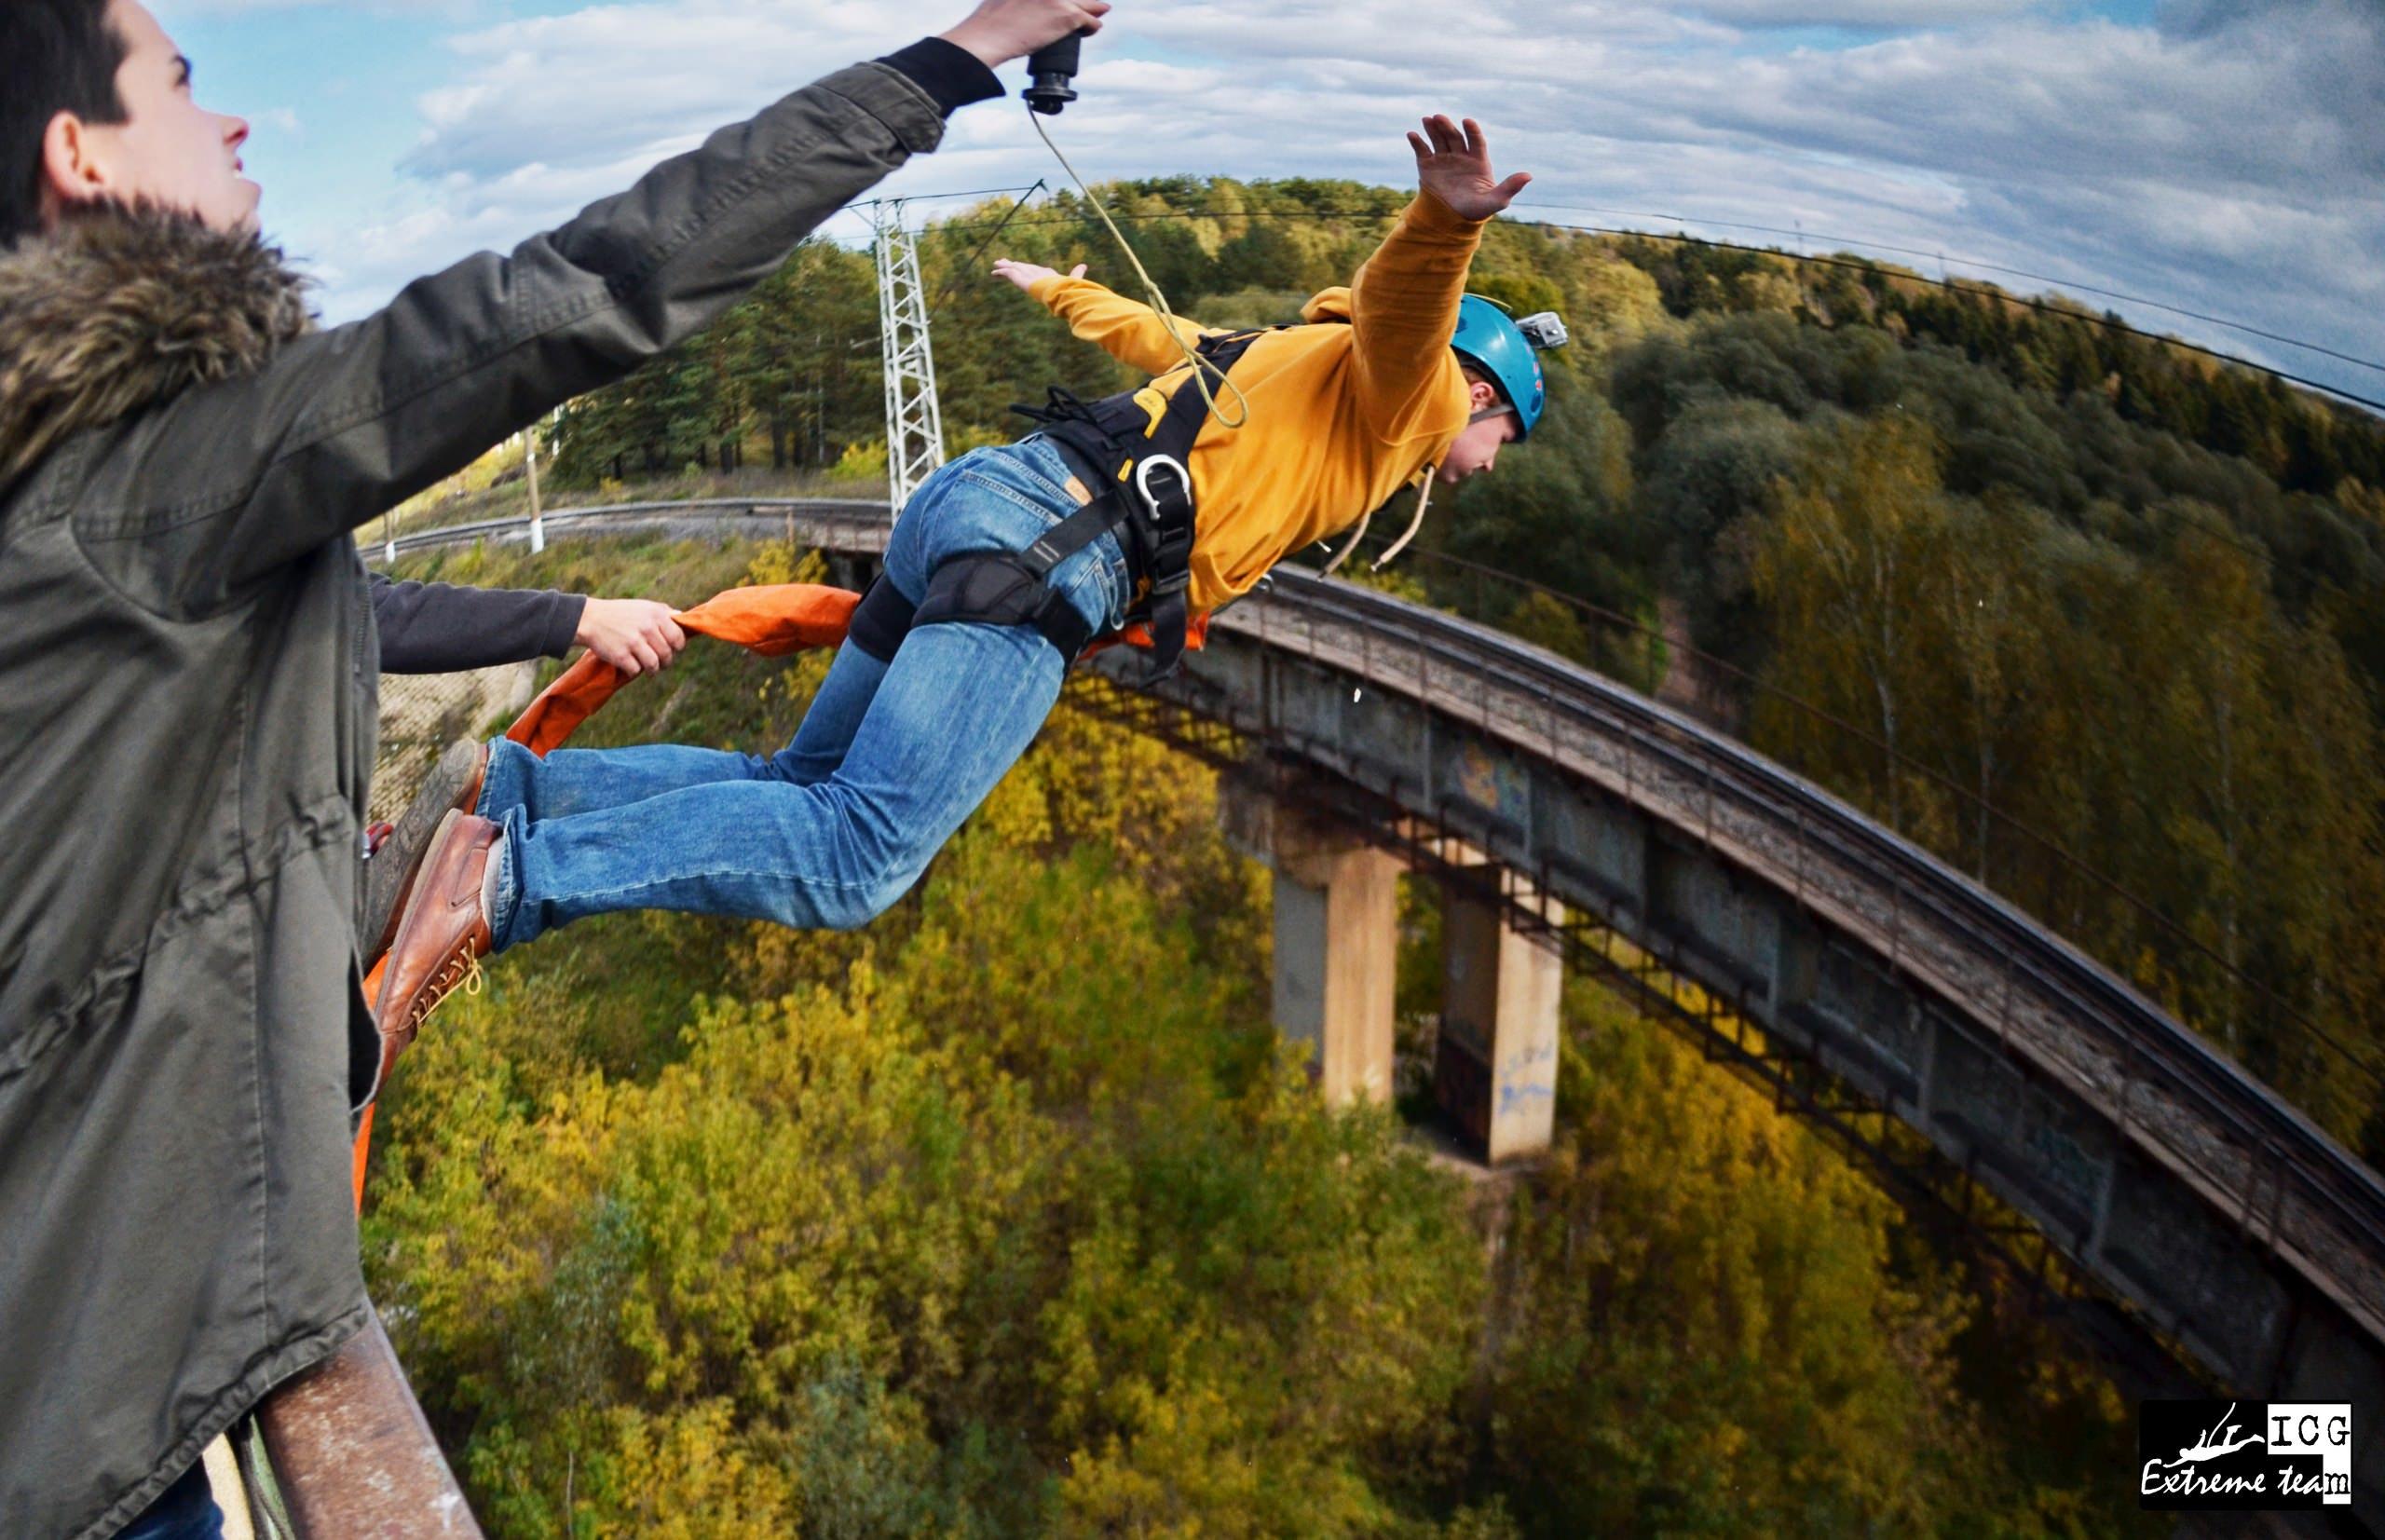 тарзанка - прыжок с веревкой с 25 метрового моста